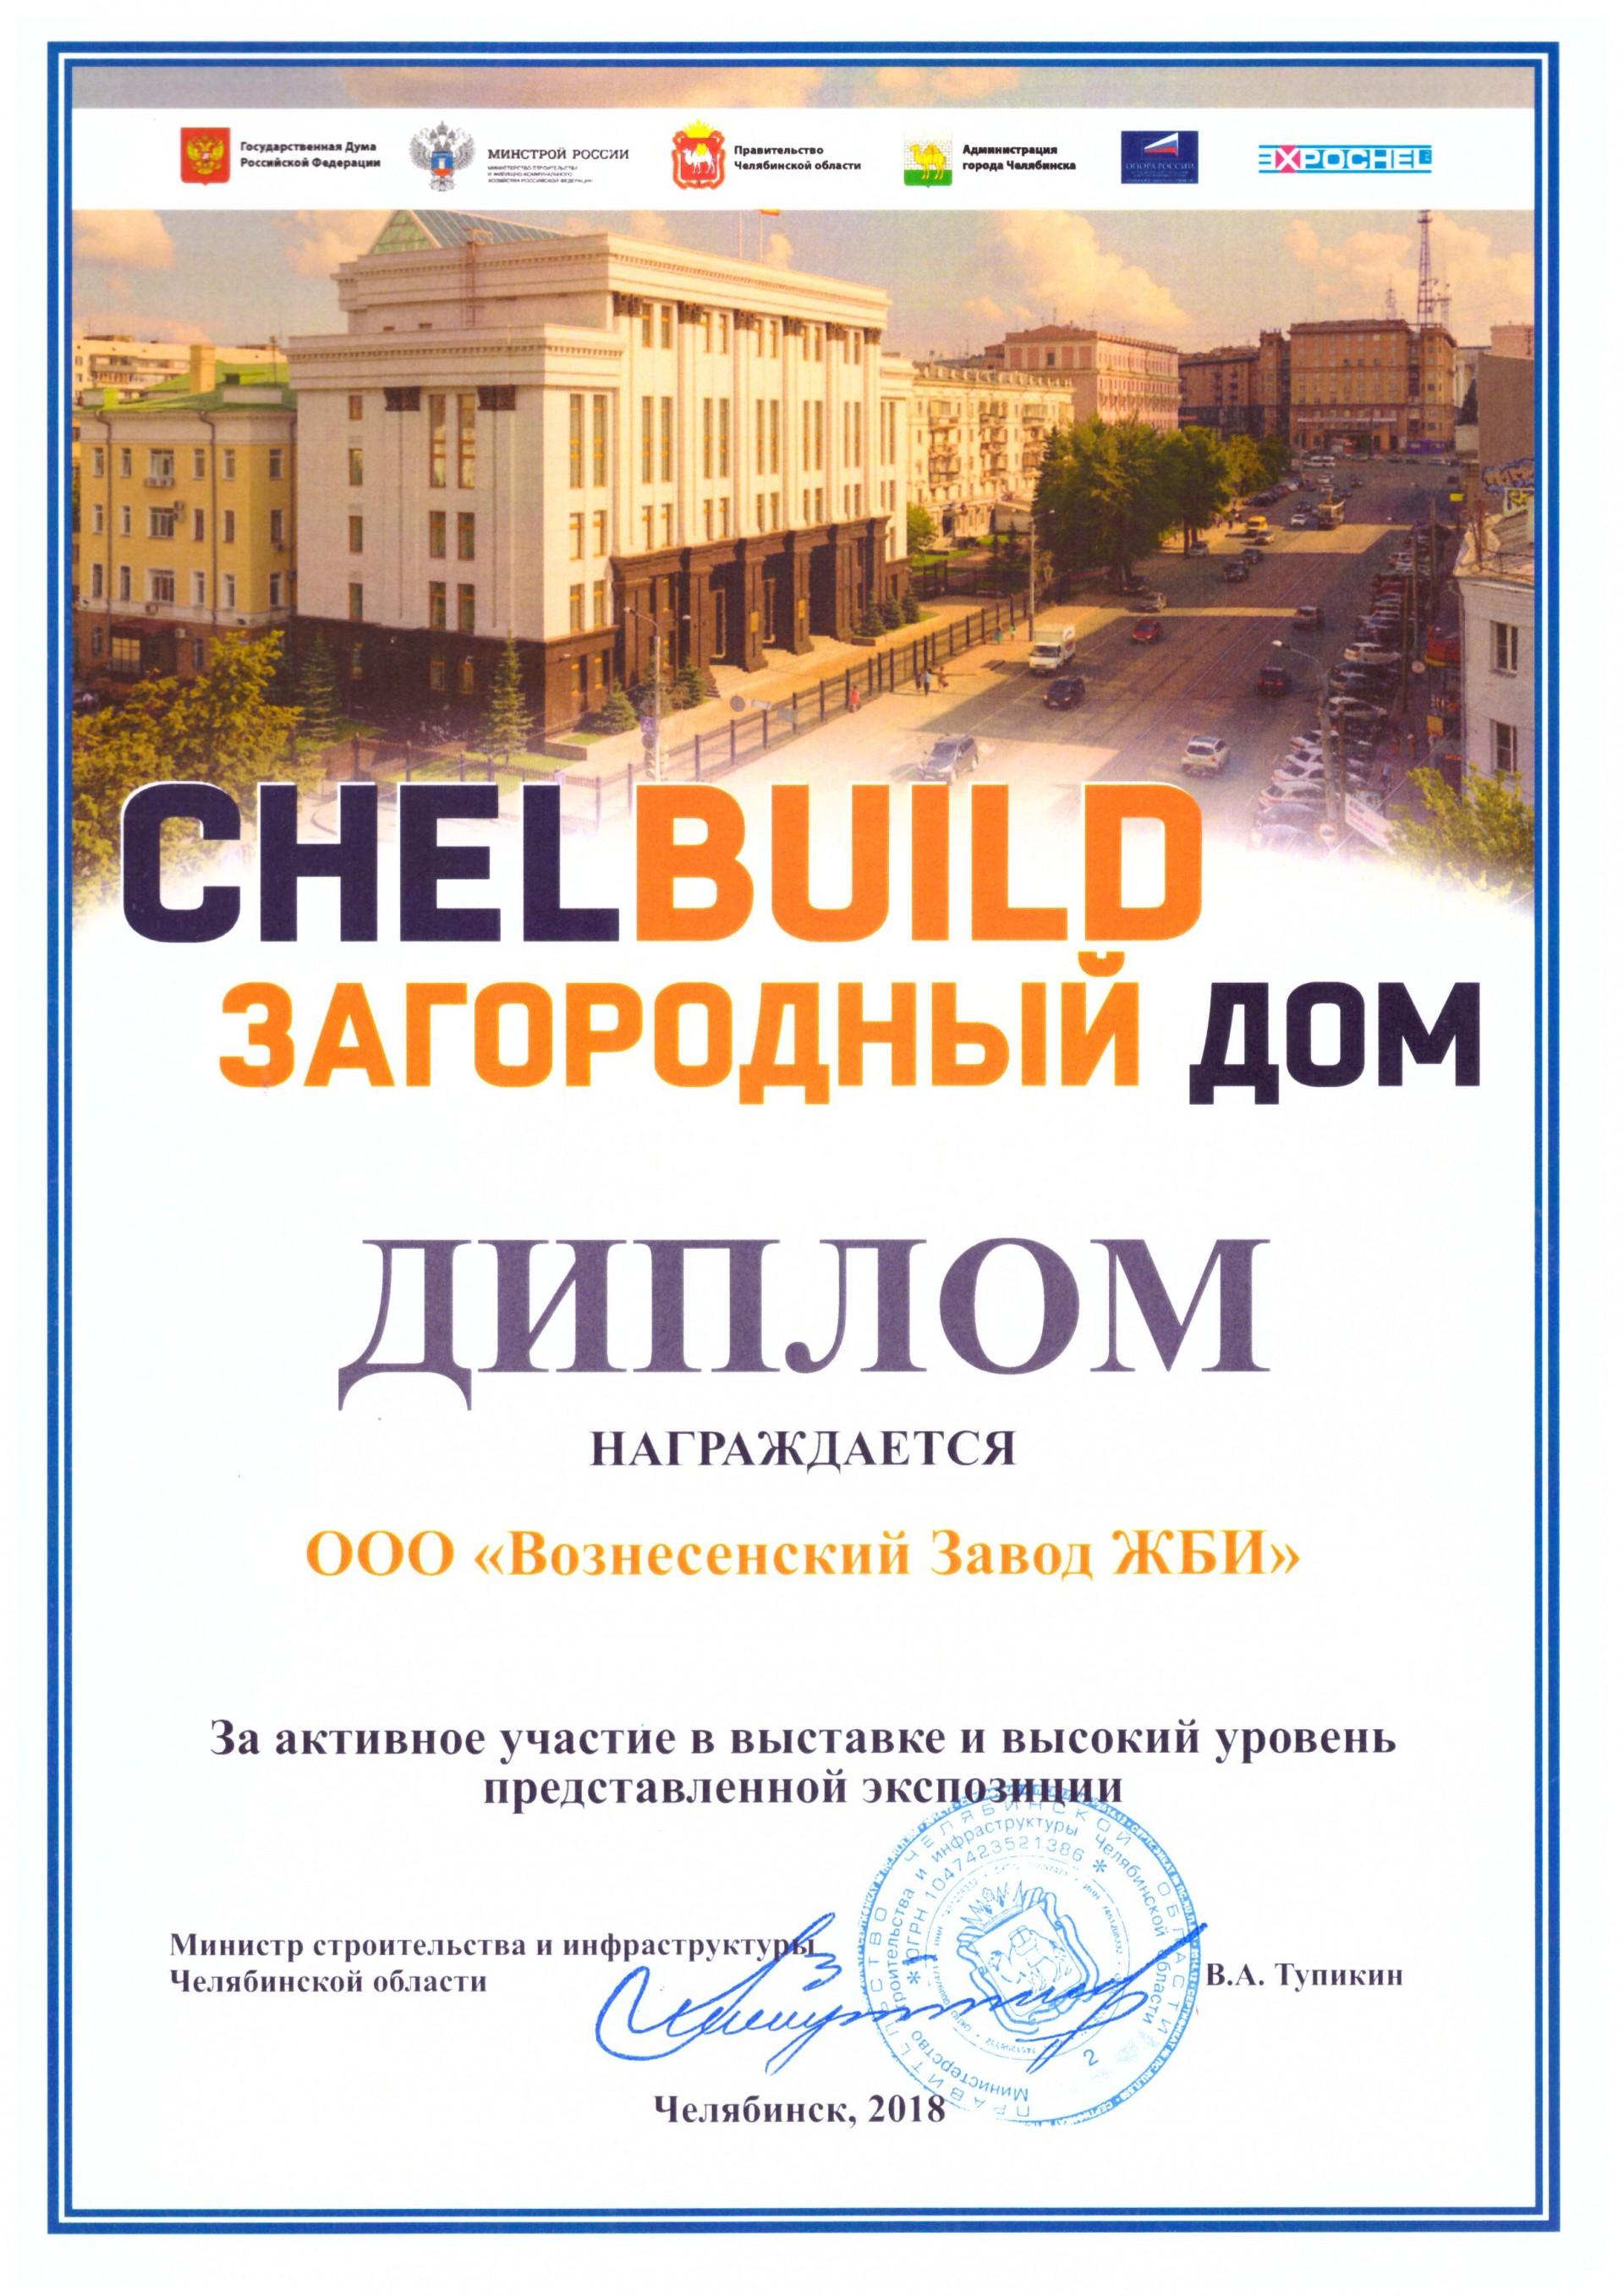 Выставка ChelBuild Загородный дом 2018г